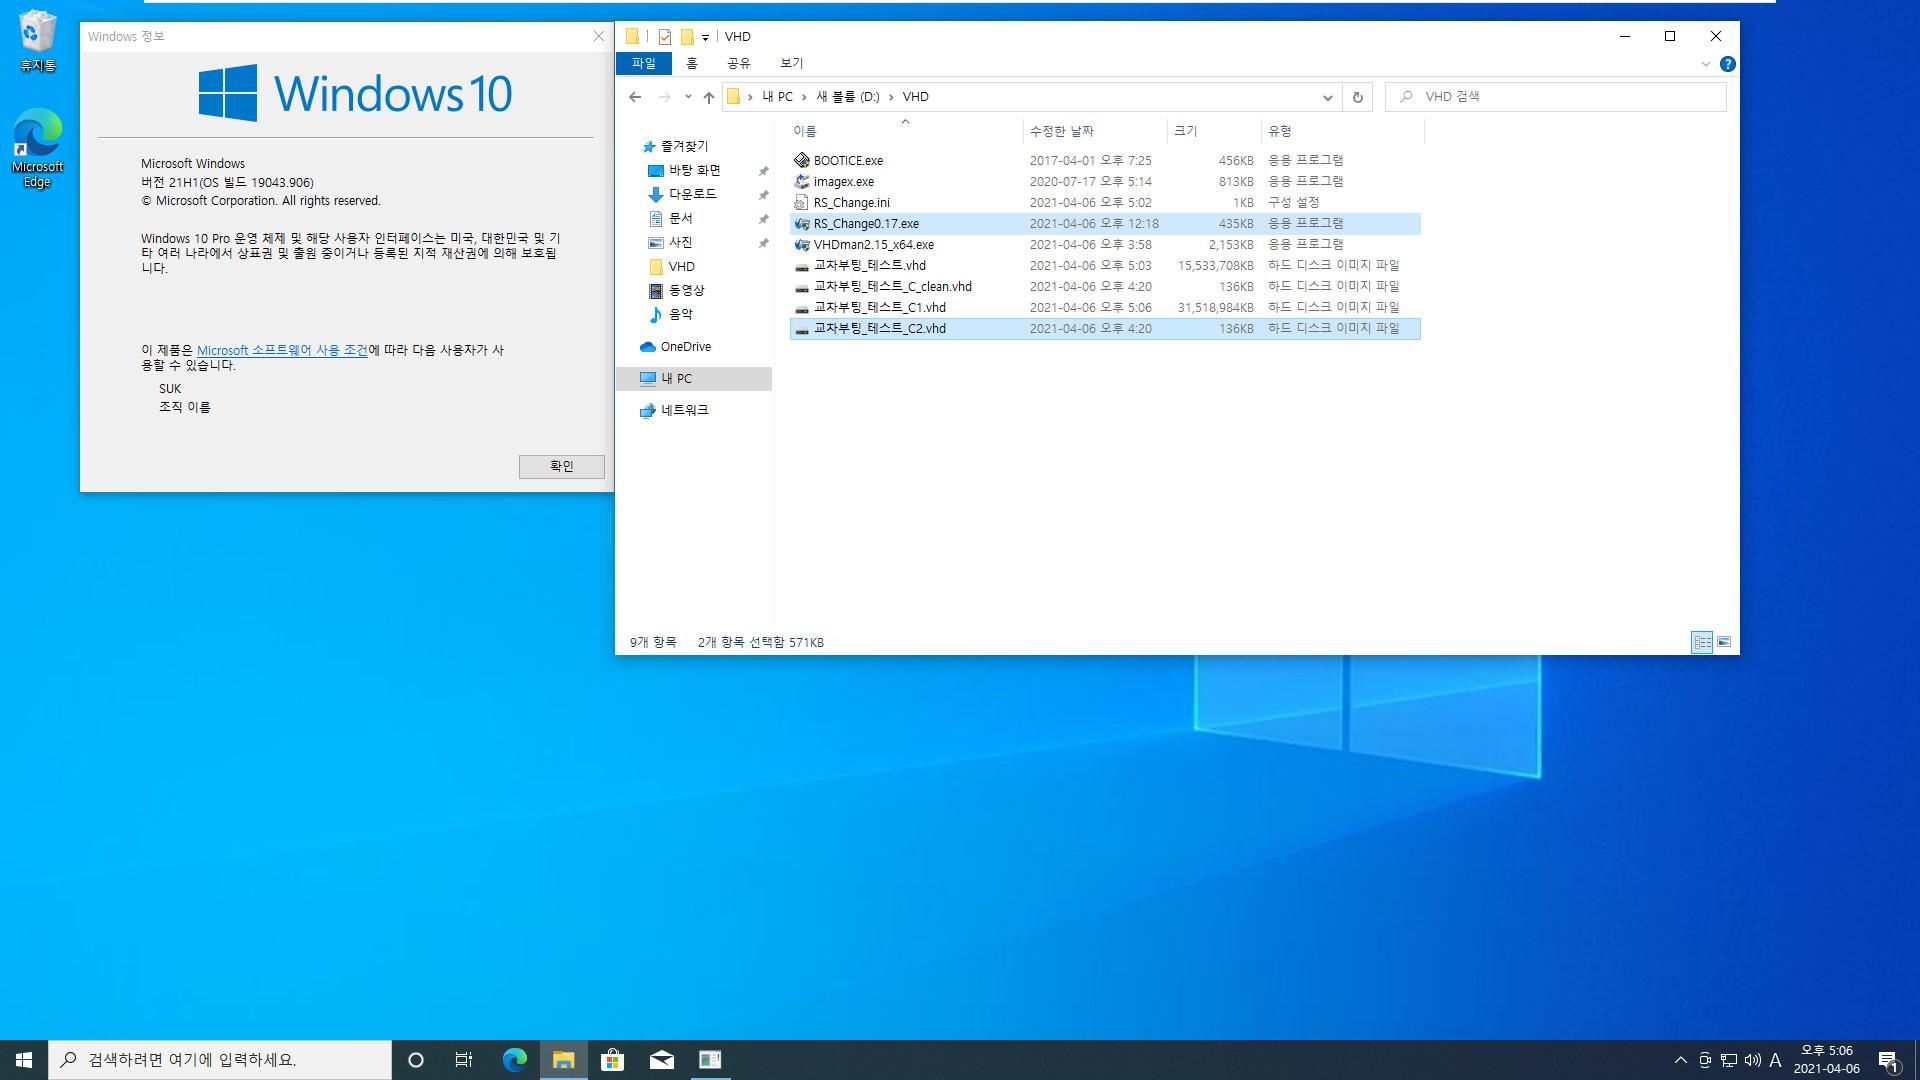 VHDman2.15으로 교차 부팅 테스트 2021-04-06_170620.jpg